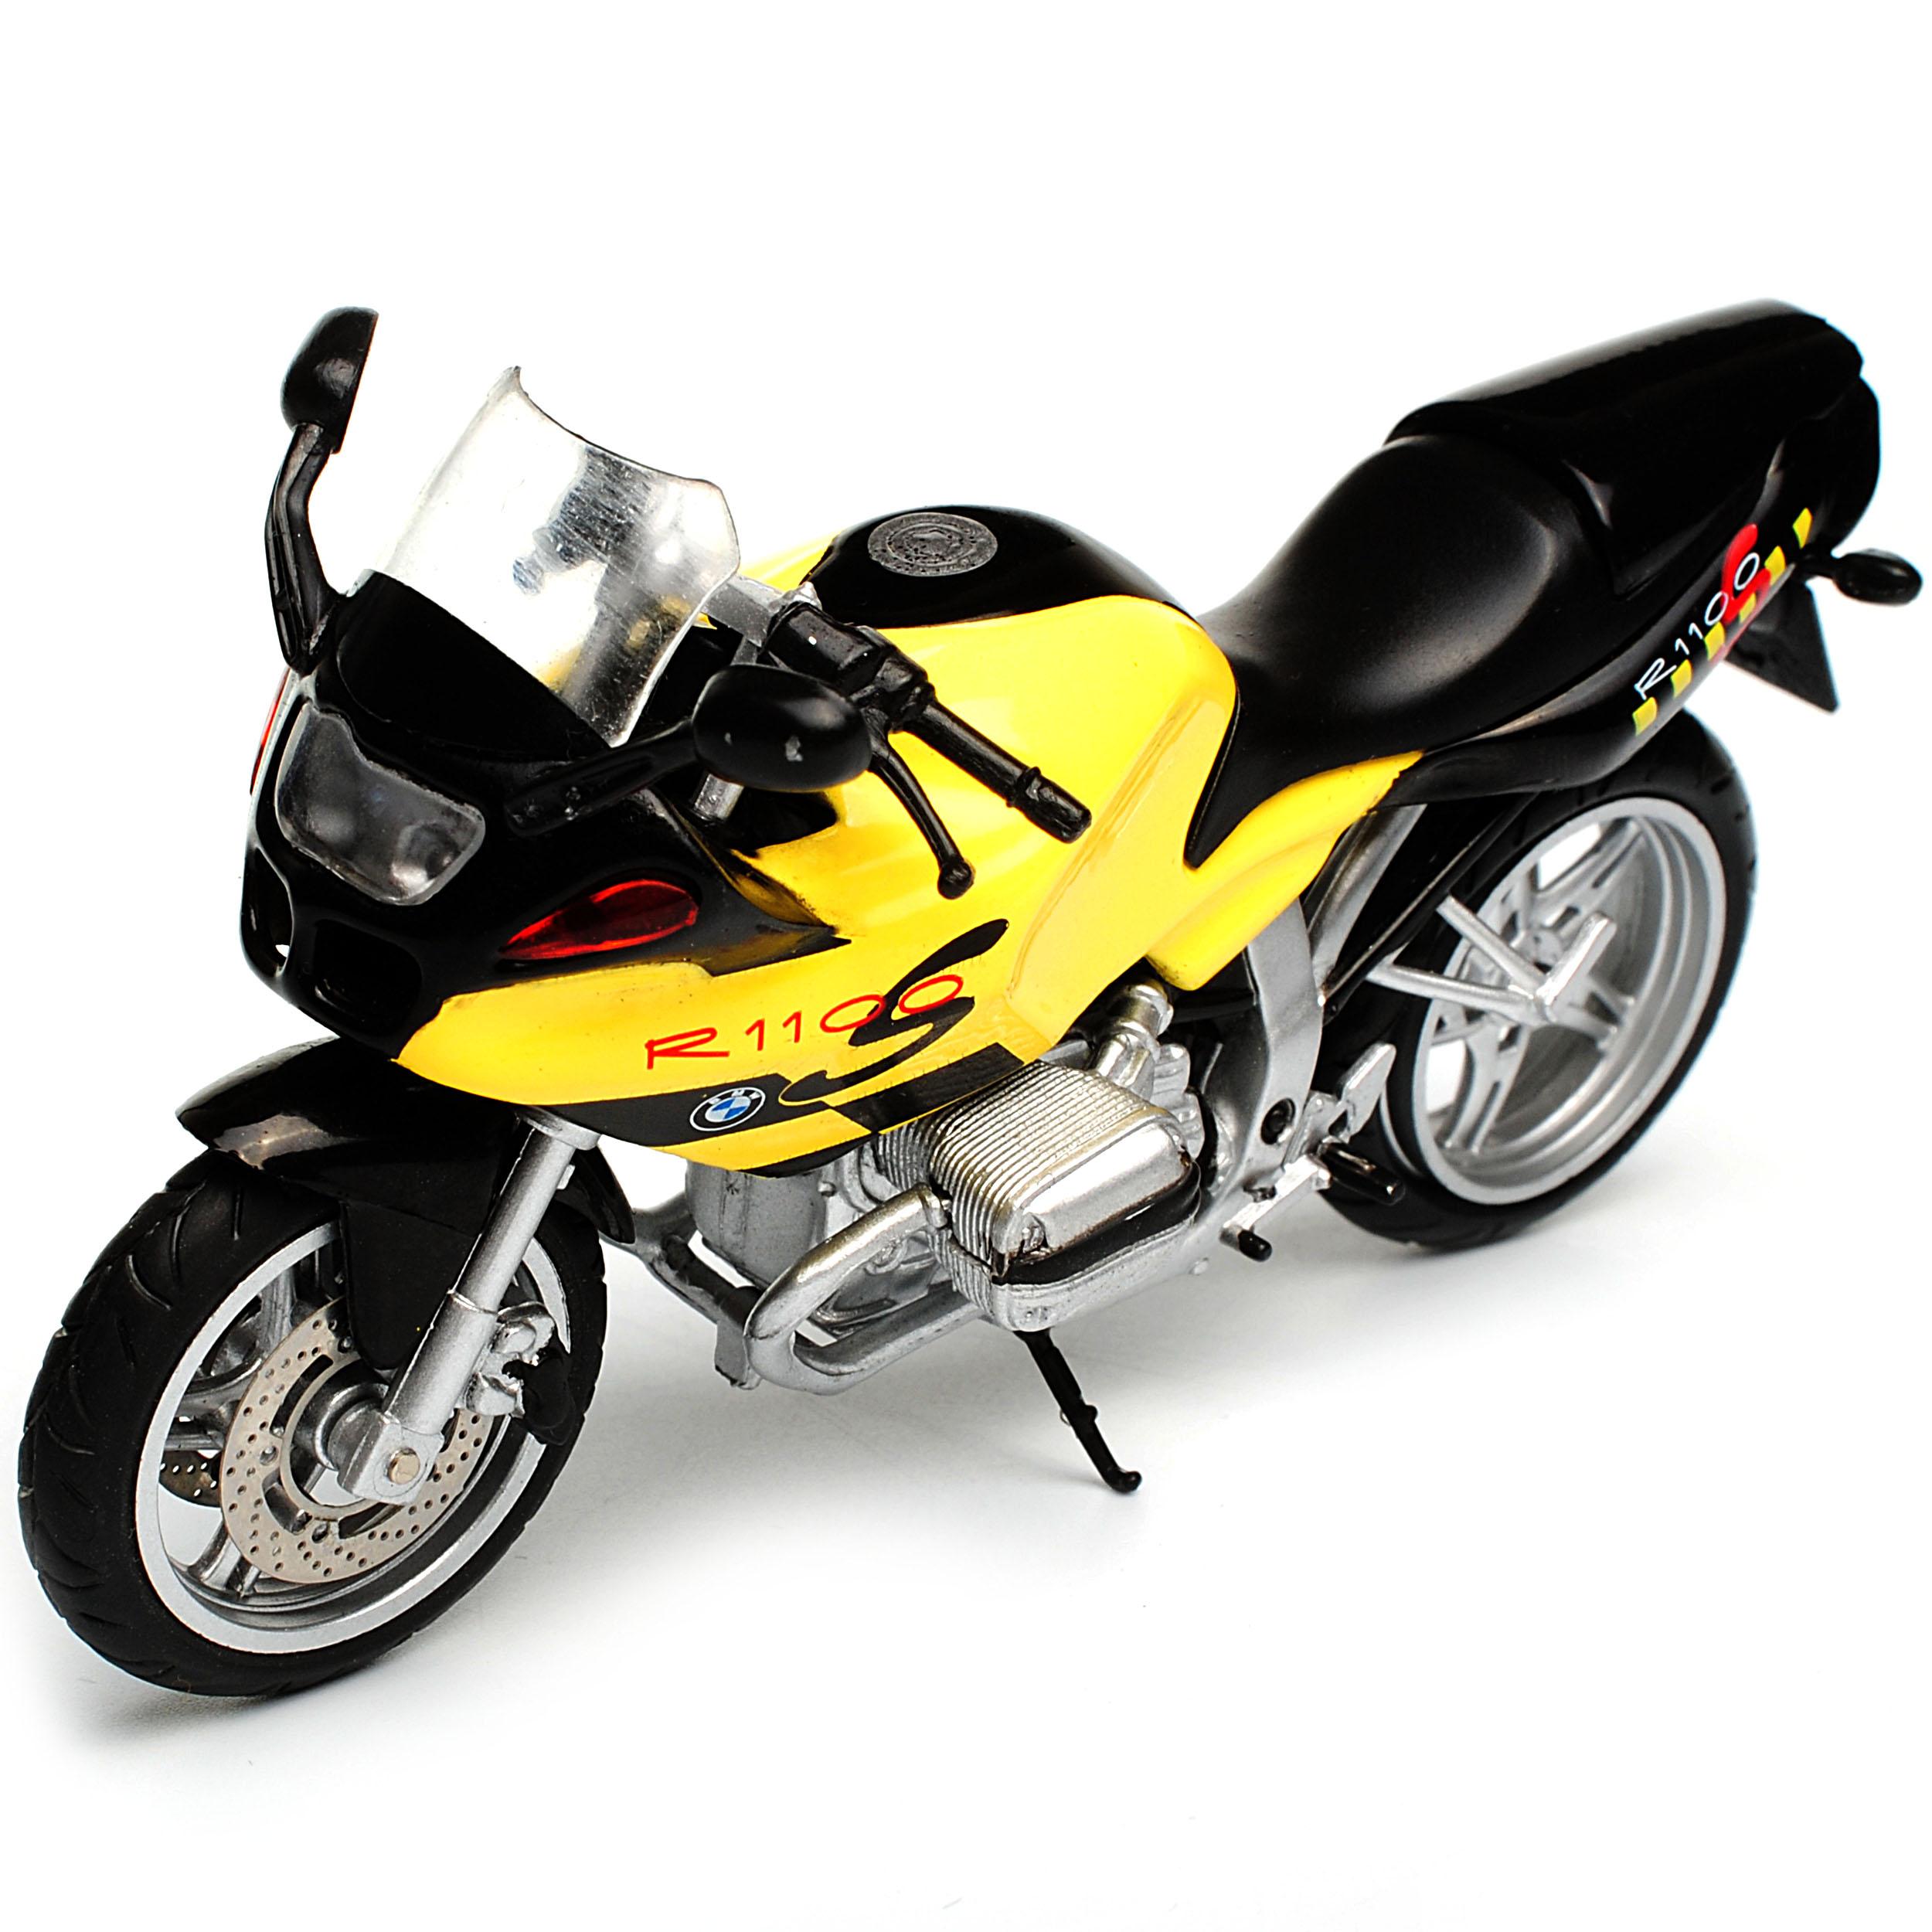 Bmw R1100s Gelb Mit Schwarz Mit Sockel Und Vitrine 1 24 Atlas Modell